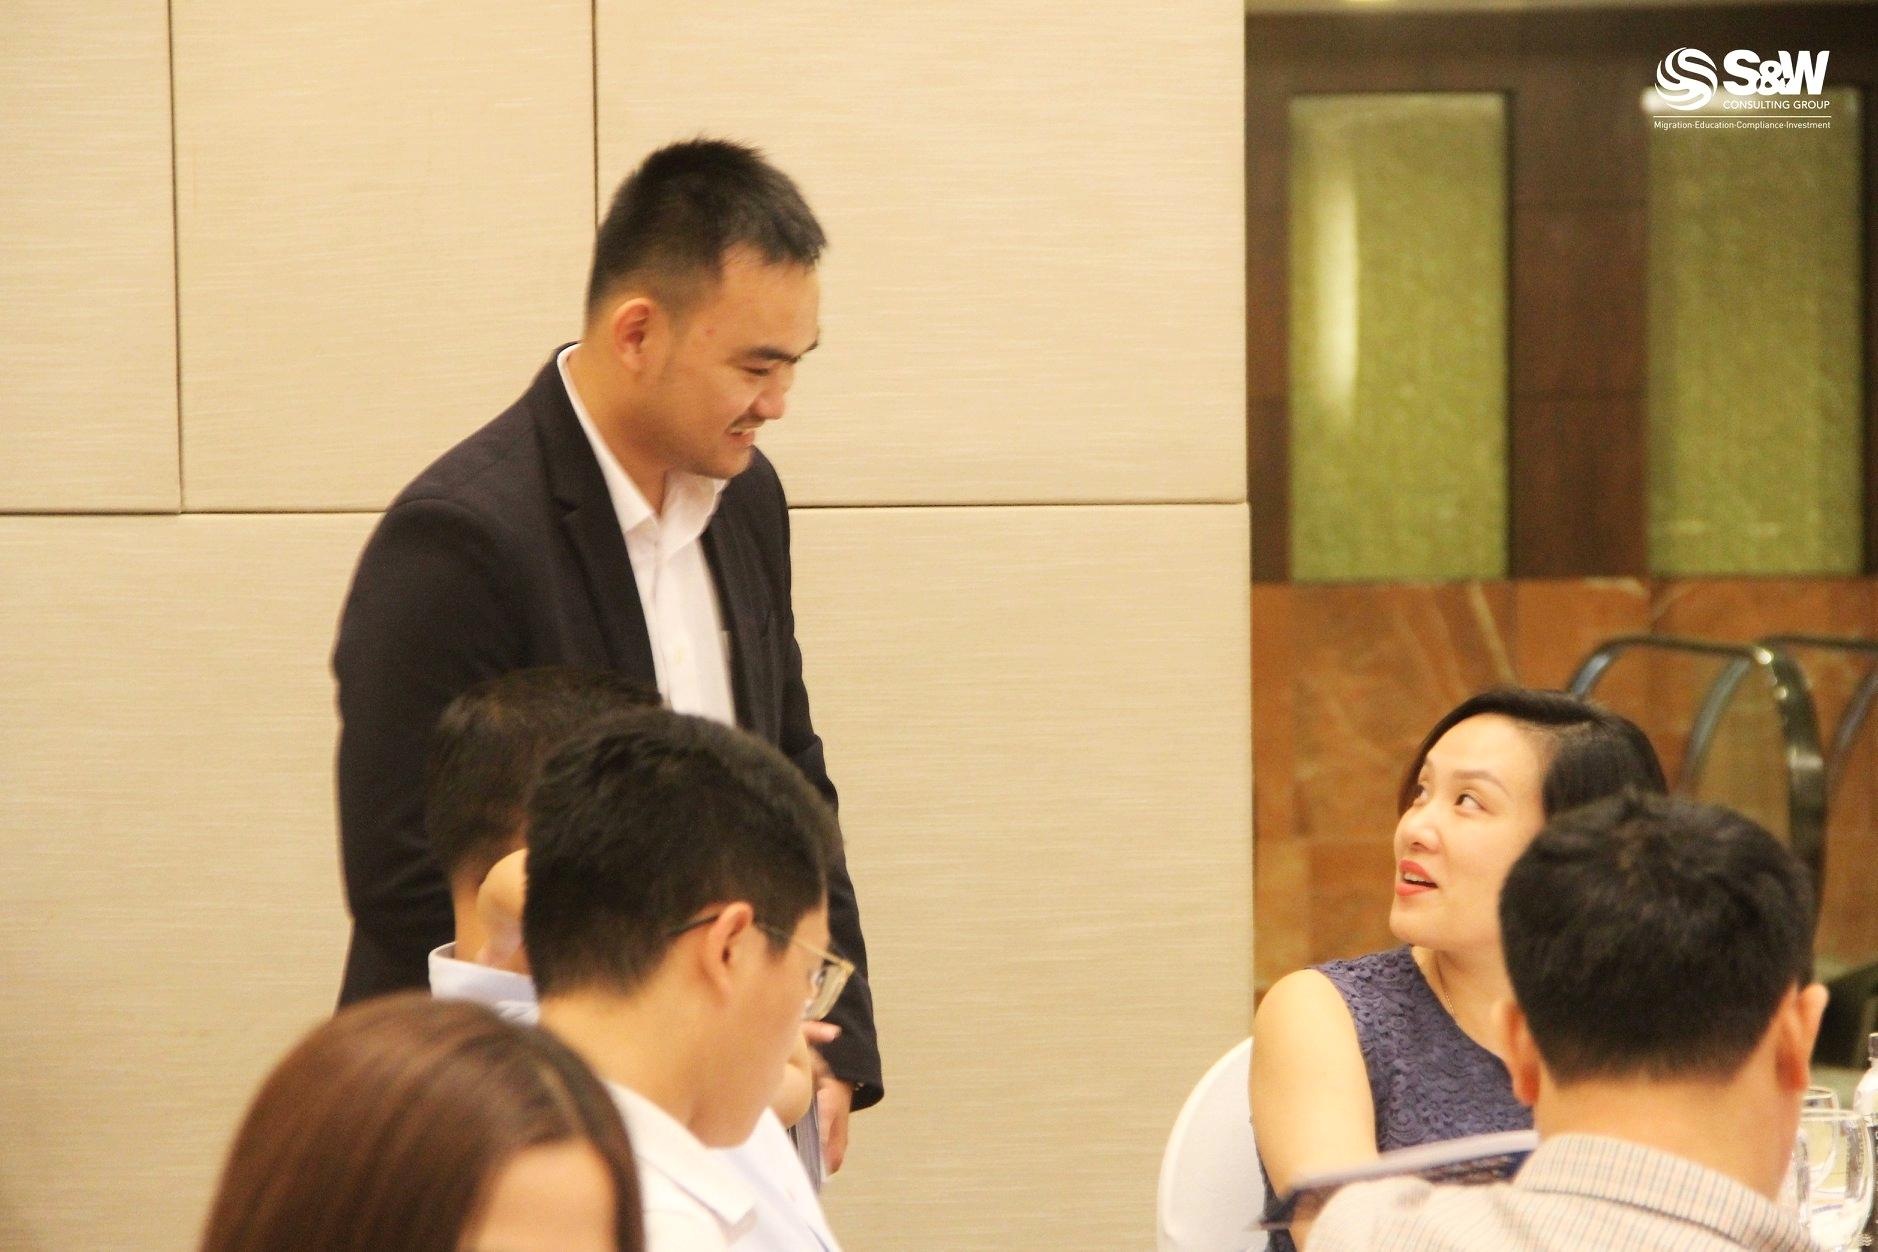 Mr. Thọ Nguyễn, chuyên viên di trú có bằng Registered Migration Agent tại S&W Consulting Group